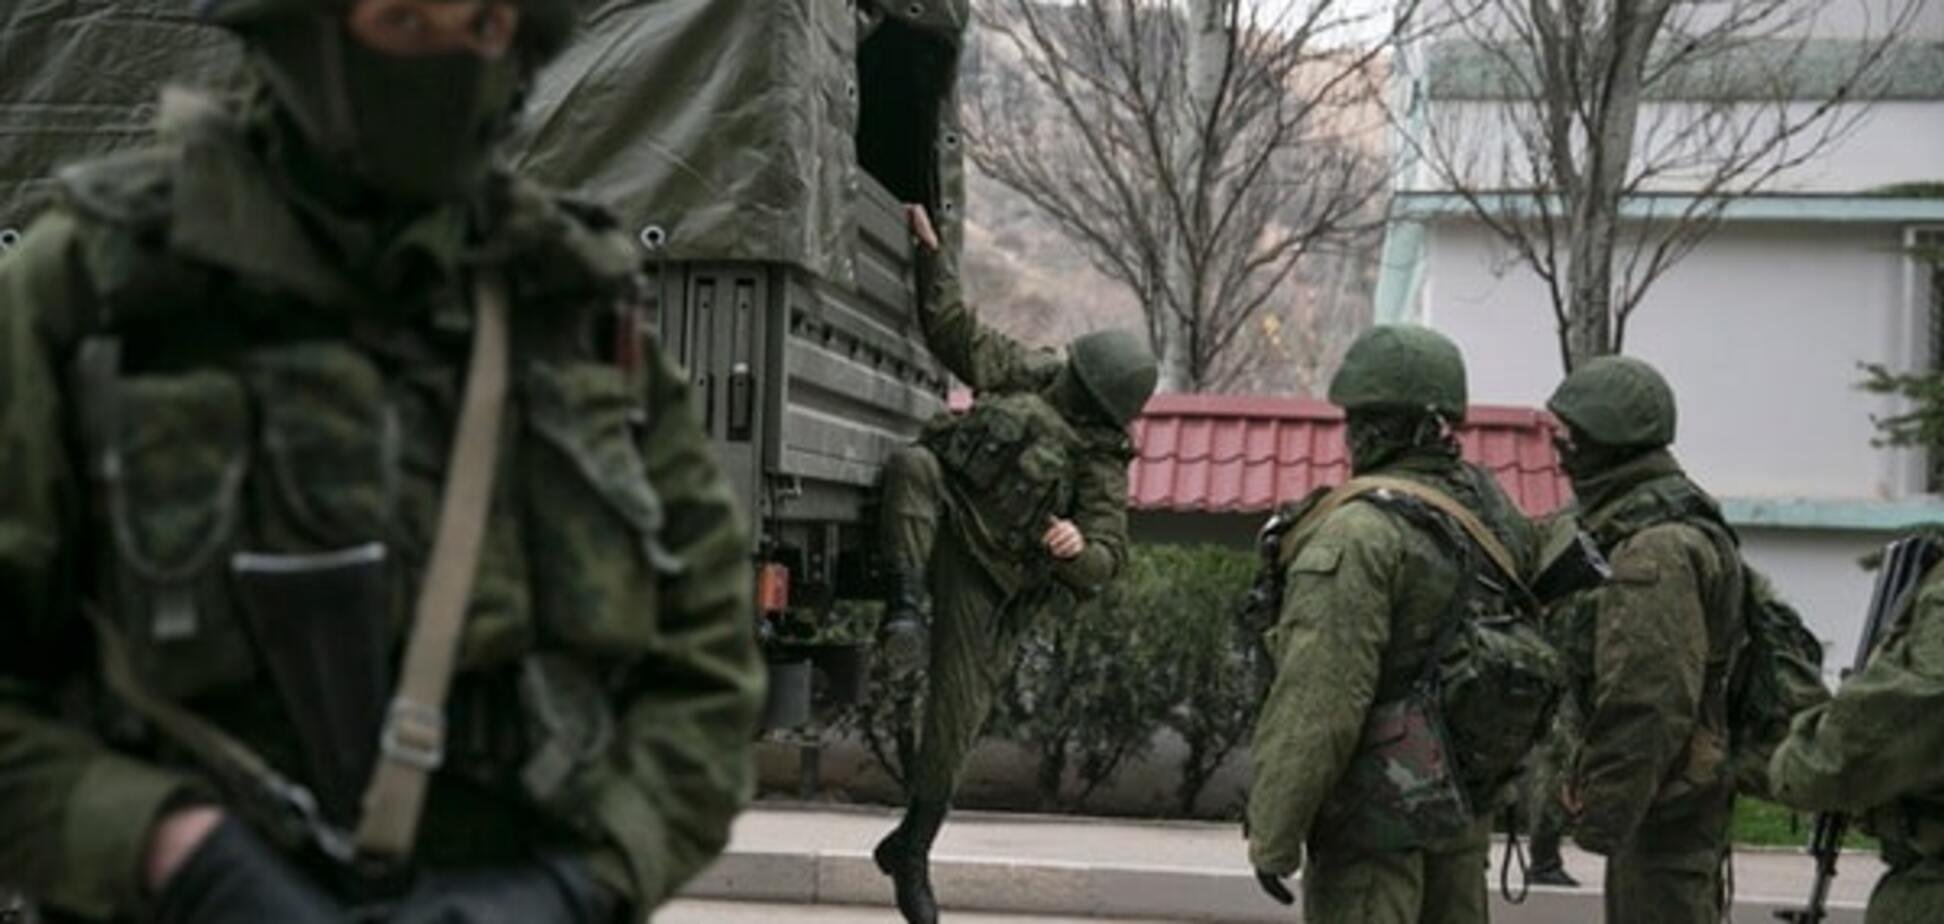 Тренування захоплення України: експерт пояснив, що означають російські військові навчання в Криму